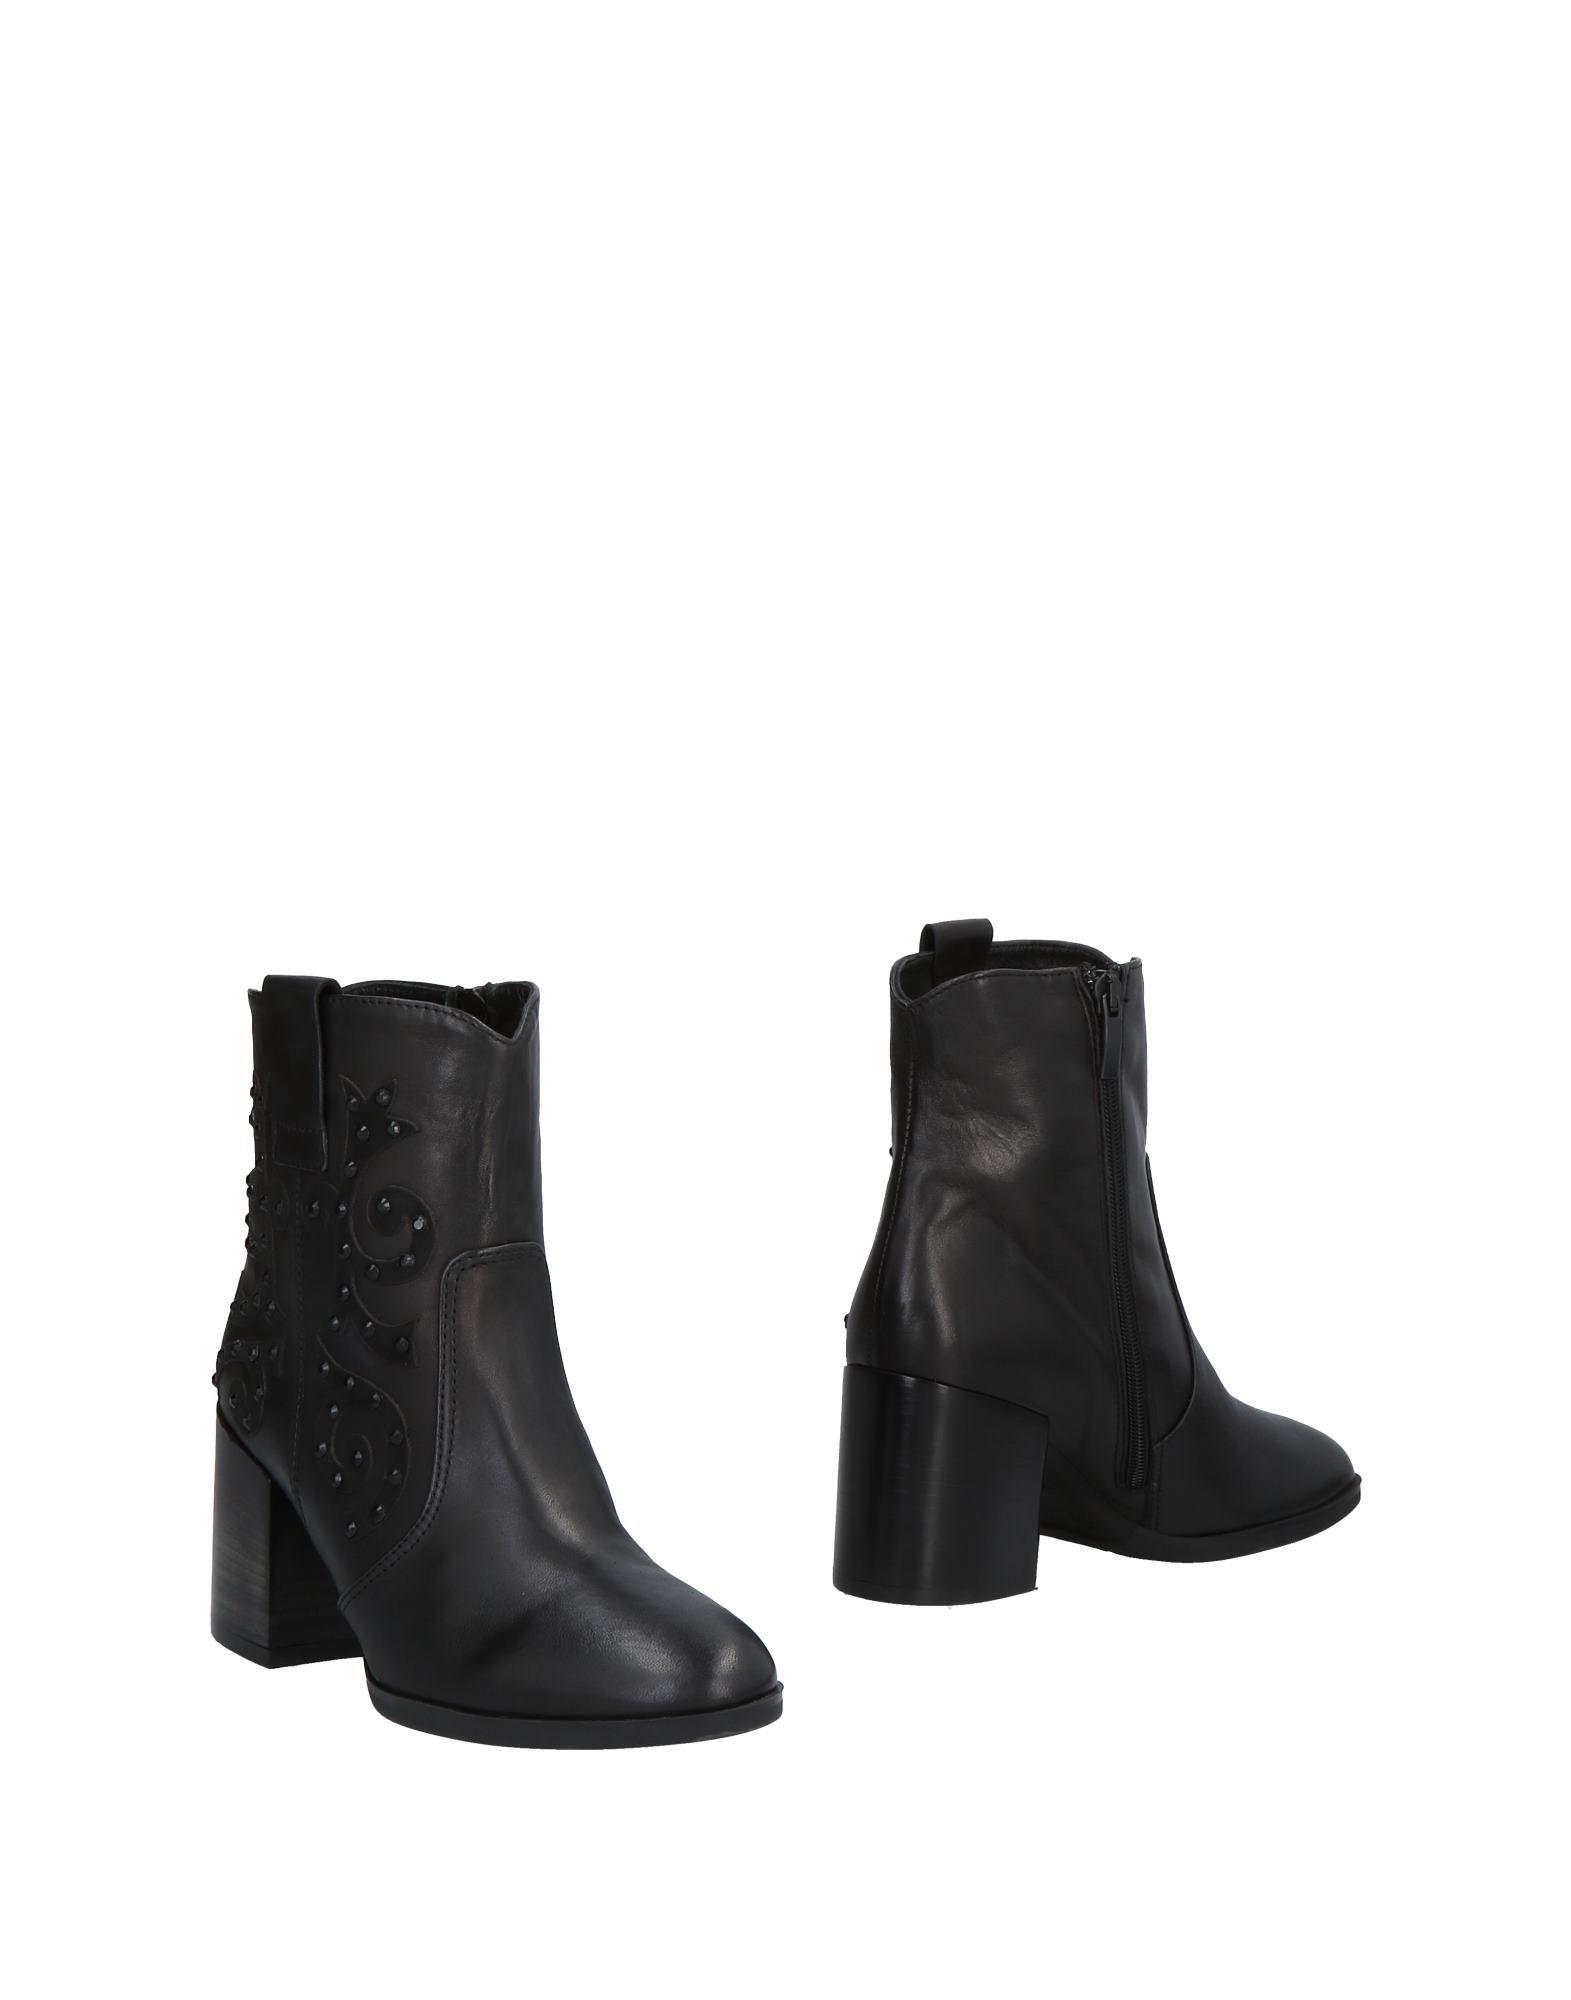 Lorenzo Mari Stiefelette Damen  11488257KI Gute Qualität beliebte Schuhe